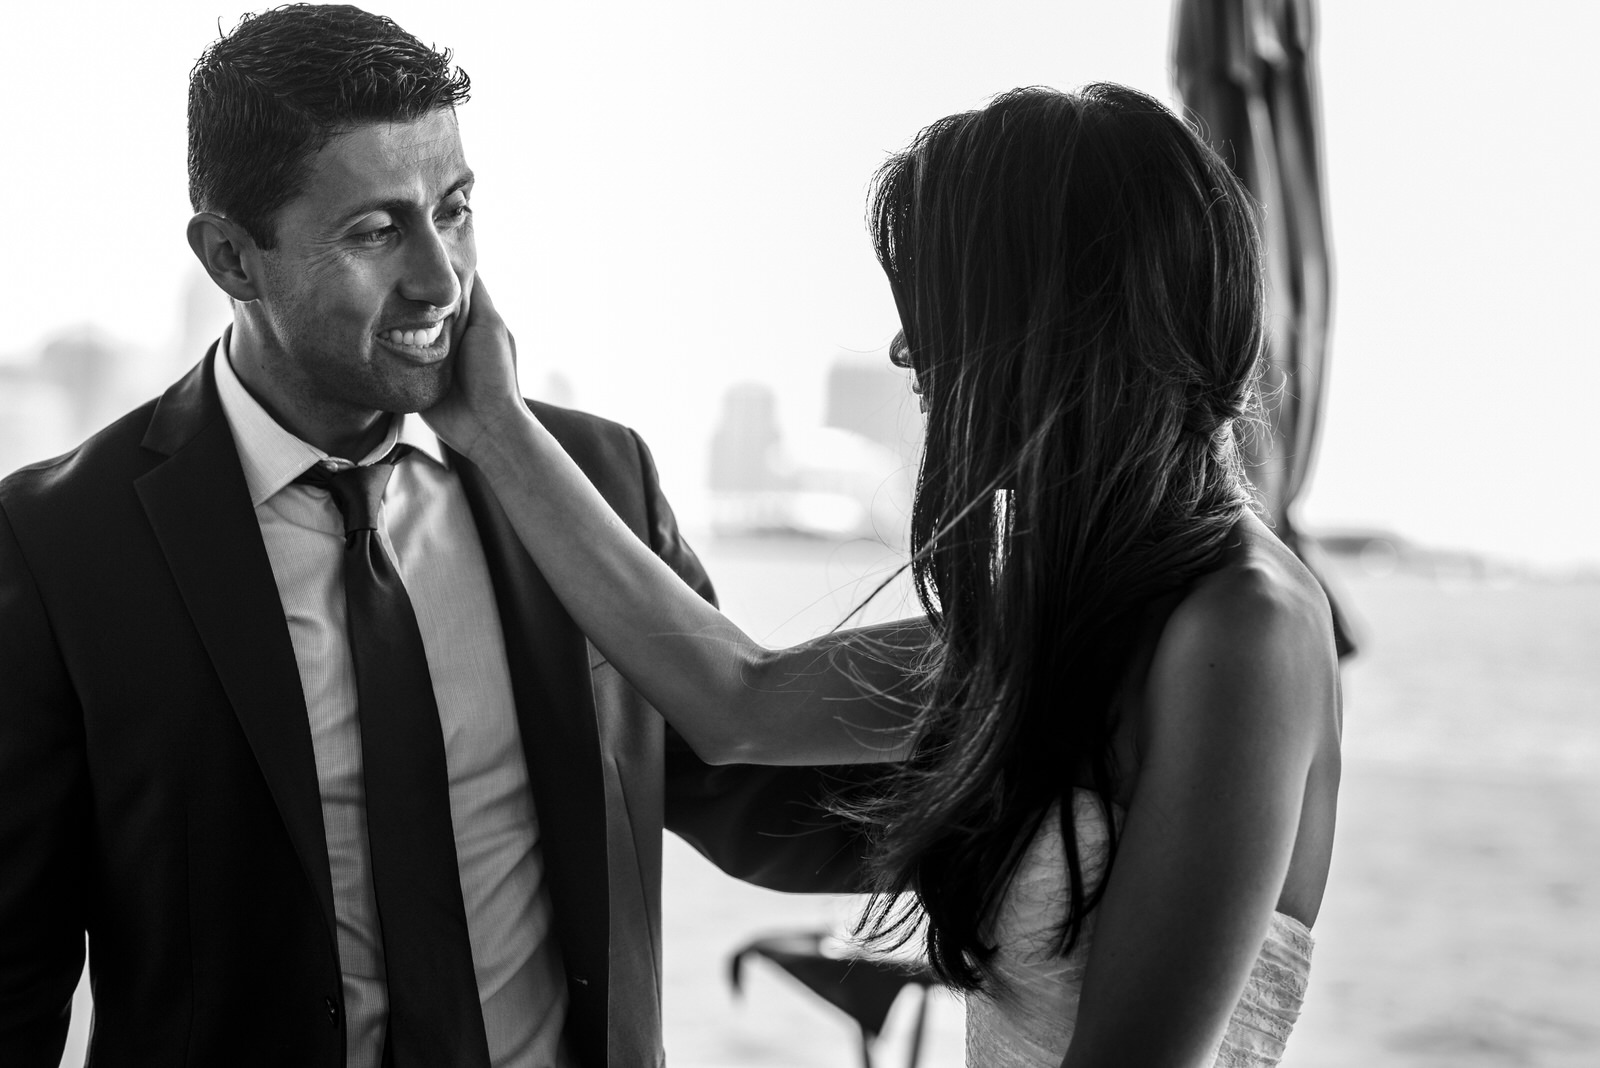 nha_carlos_san_diego_wedding (115).jpg